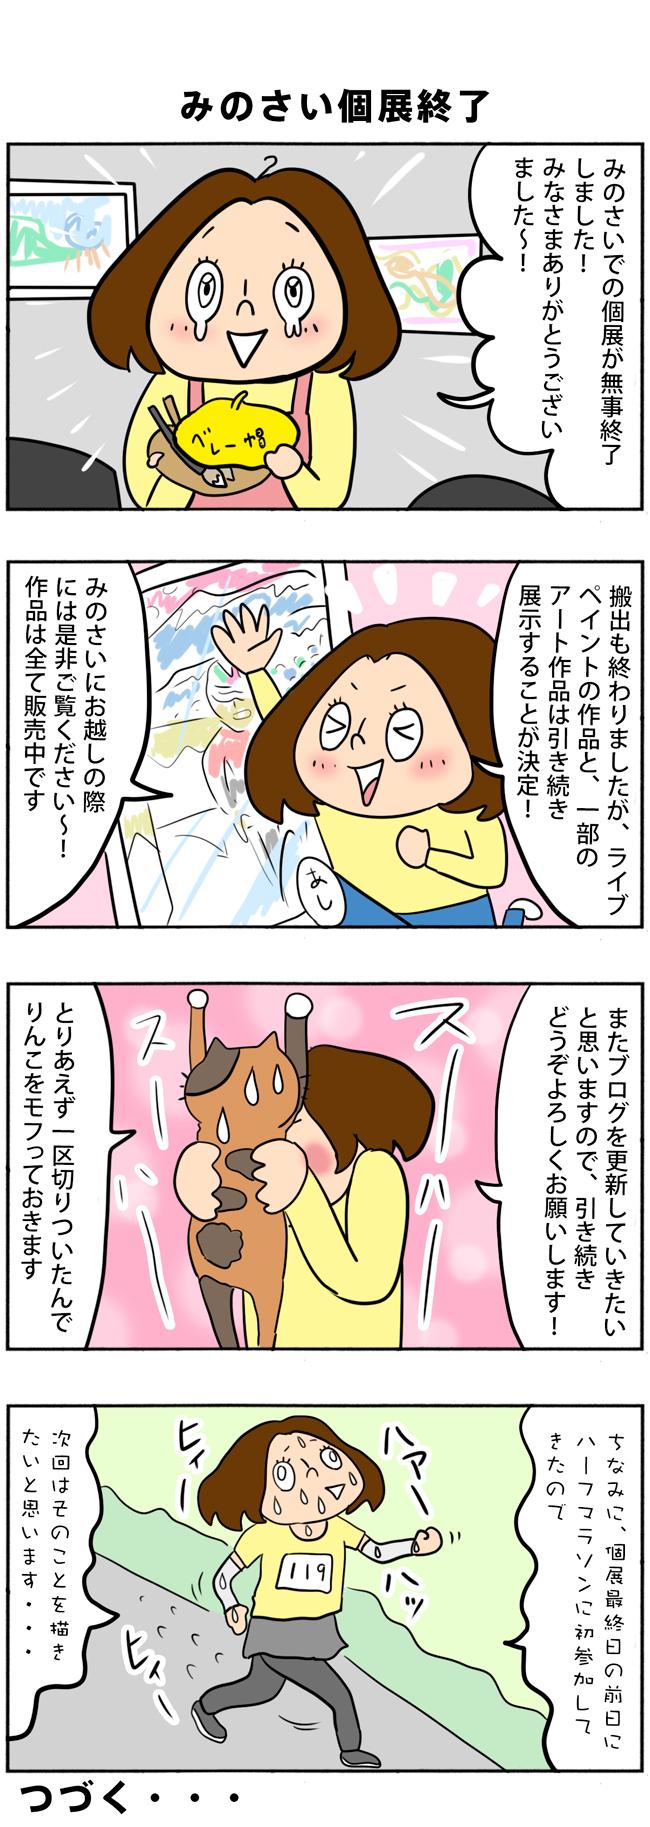 【4コマ漫画】みのさい個展無事終了〜!まずはお礼と今後のこと(自転車ライブペイントやアート展示して欲しい方募集中!)